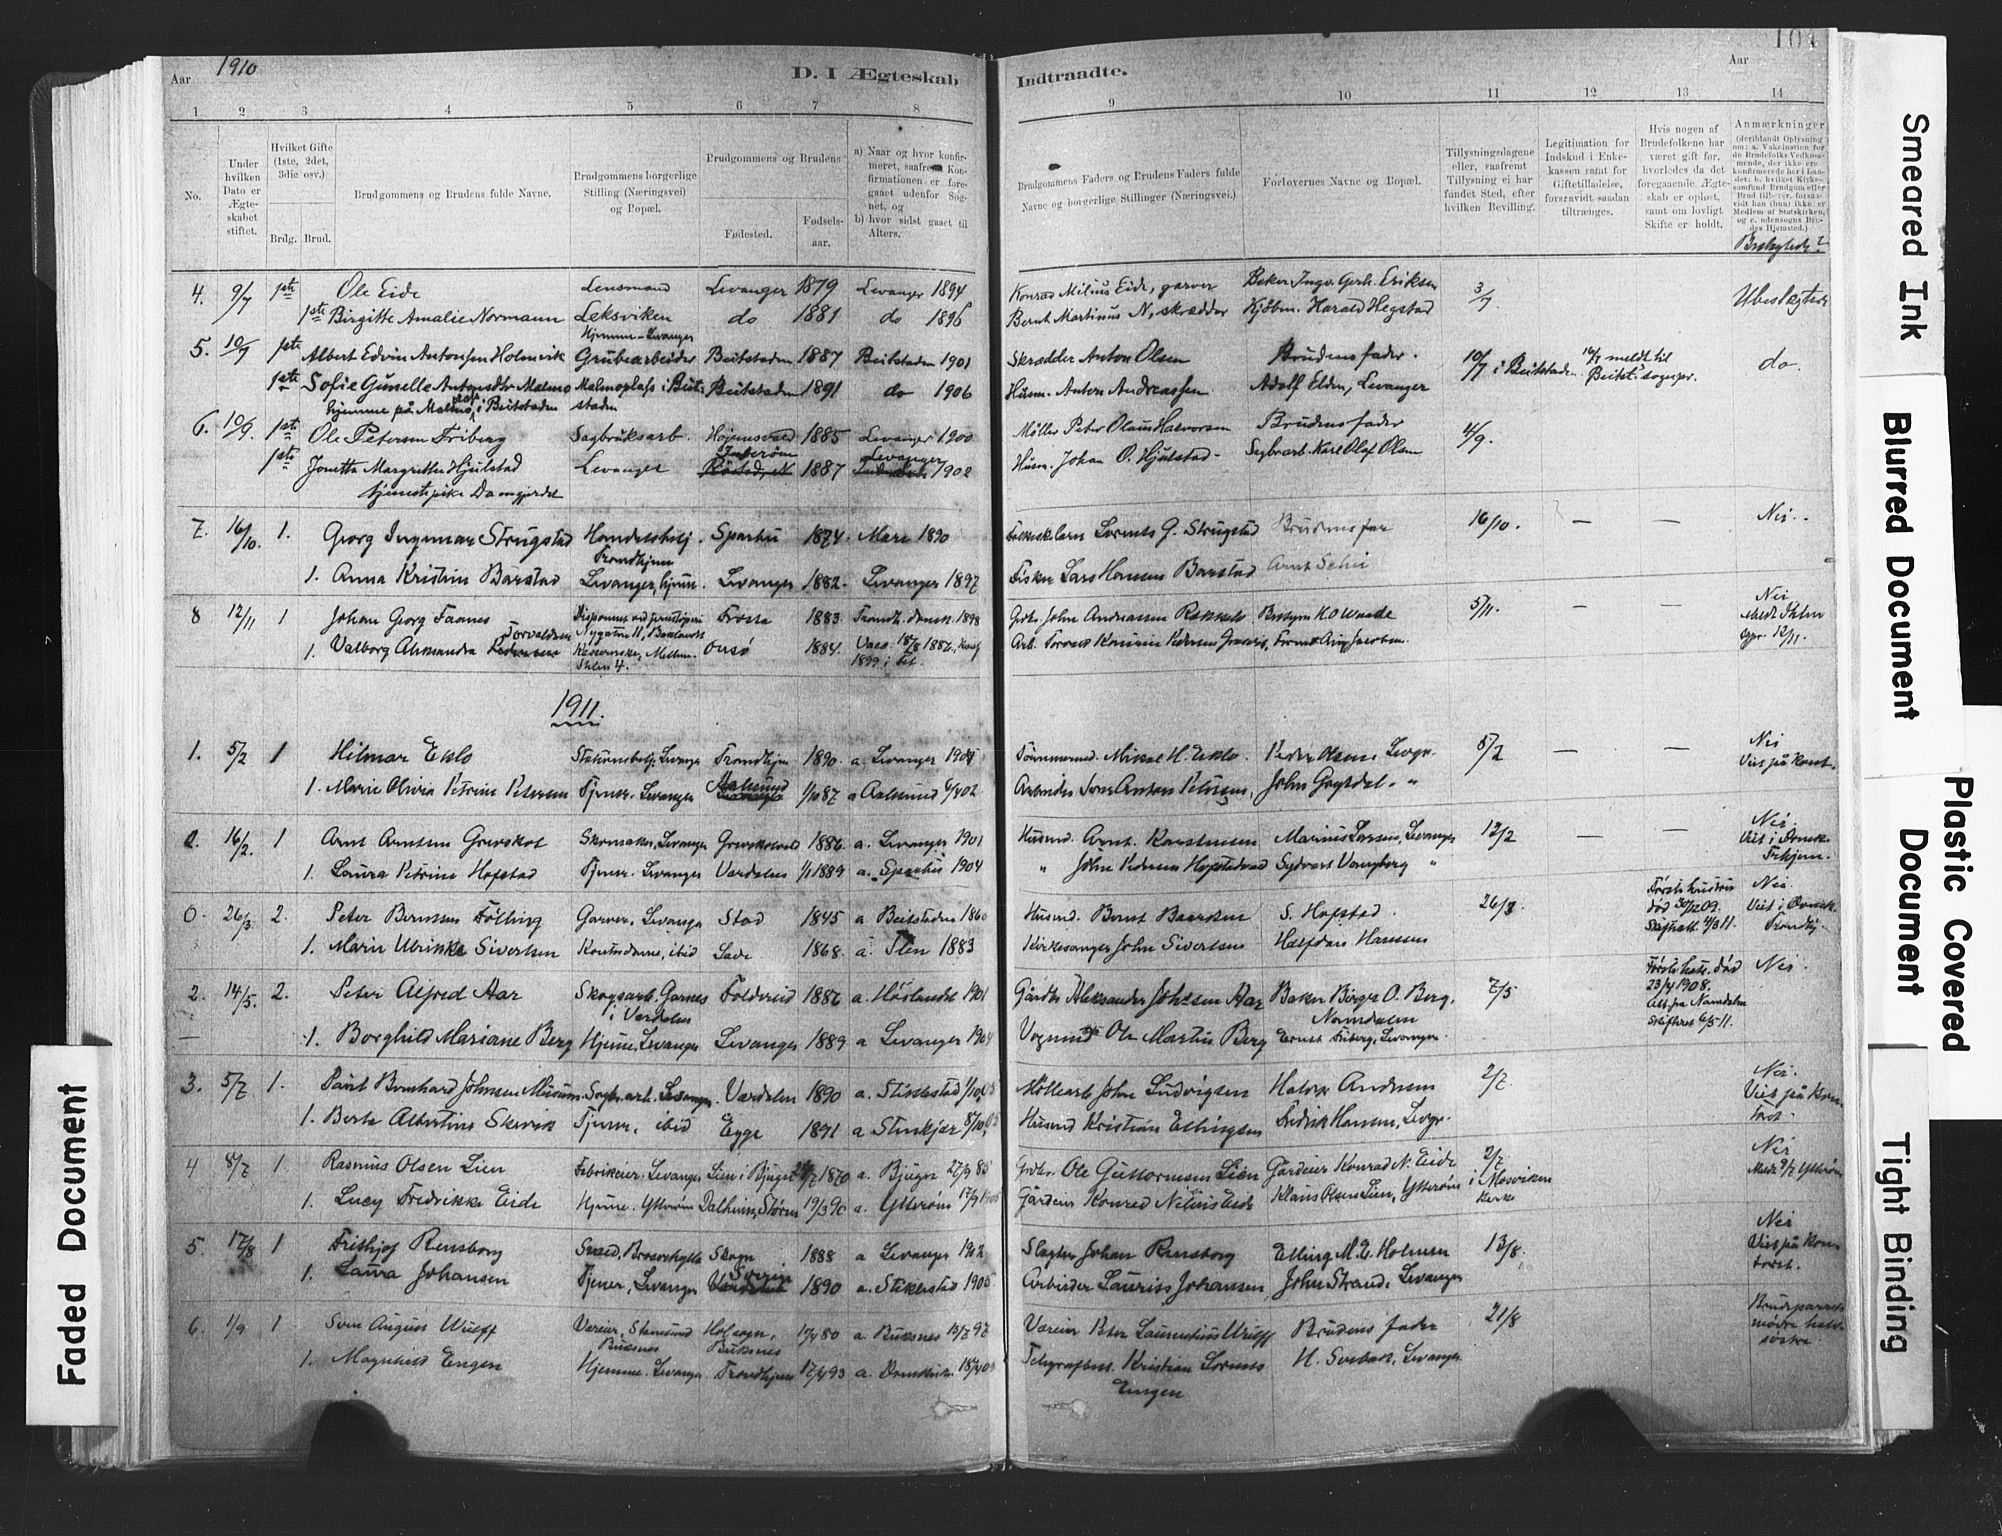 SAT, Ministerialprotokoller, klokkerbøker og fødselsregistre - Nord-Trøndelag, 720/L0189: Ministerialbok nr. 720A05, 1880-1911, s. 104